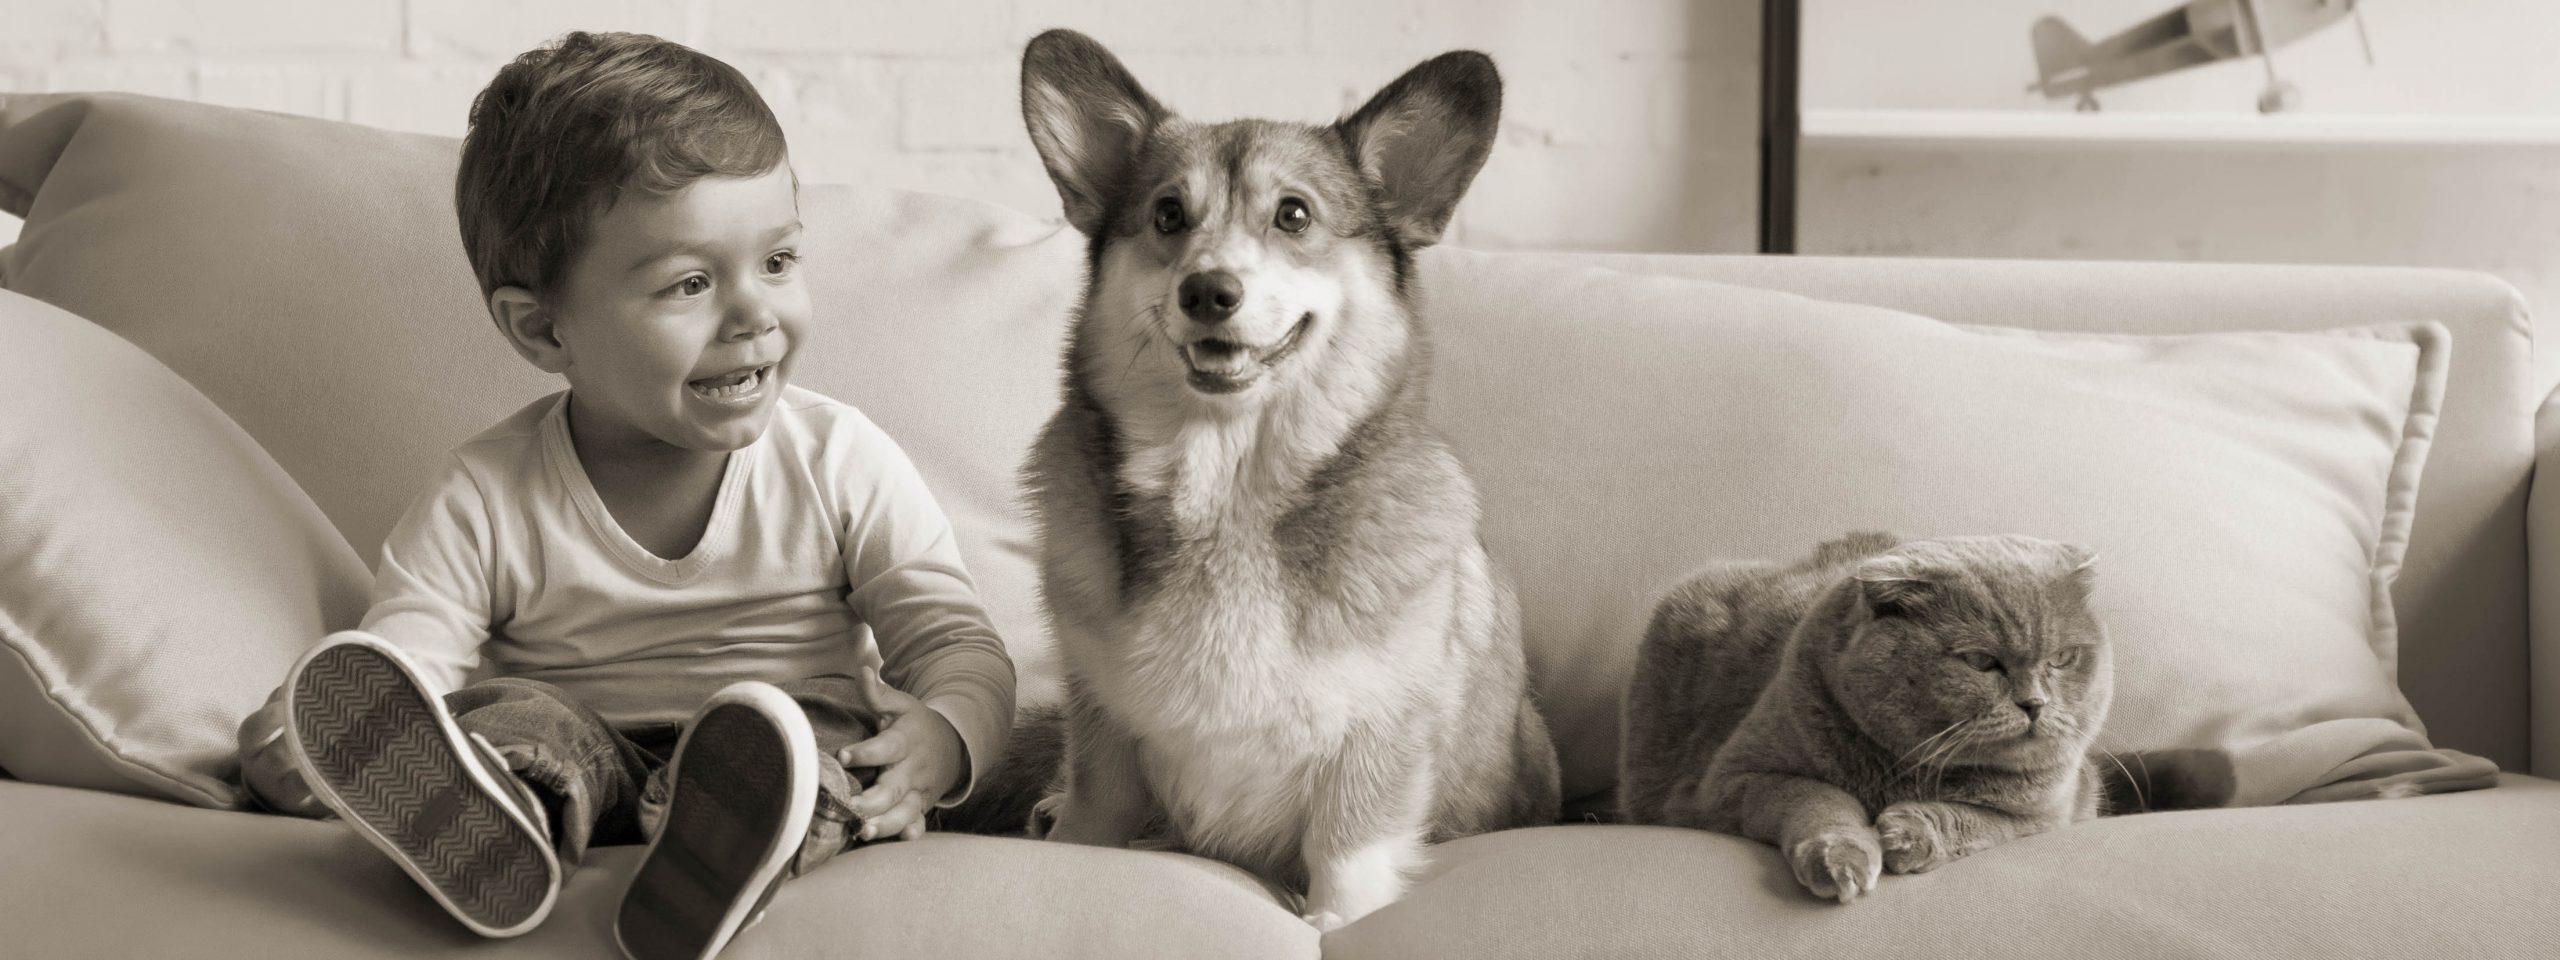 Kind, Hund und Katze liegen auf einem Sofa